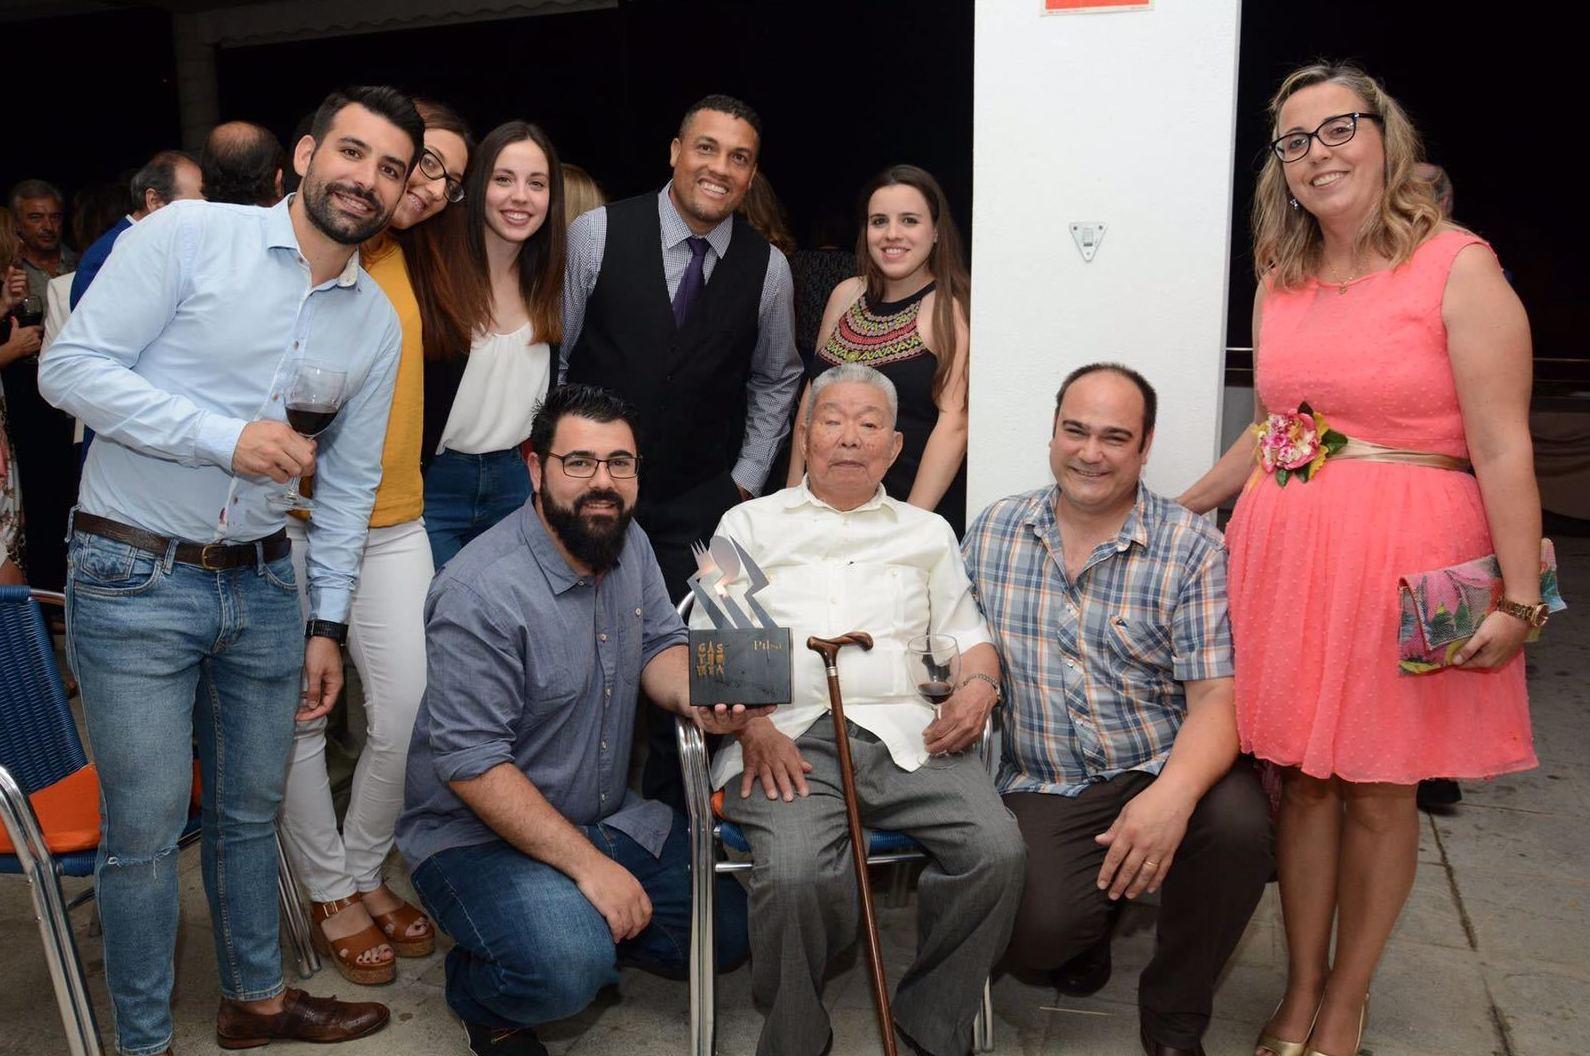 Premio Gastromia 2017 a la trayectoria del maestro y al trabajo realizado en Rocio Tapas y Sushi.